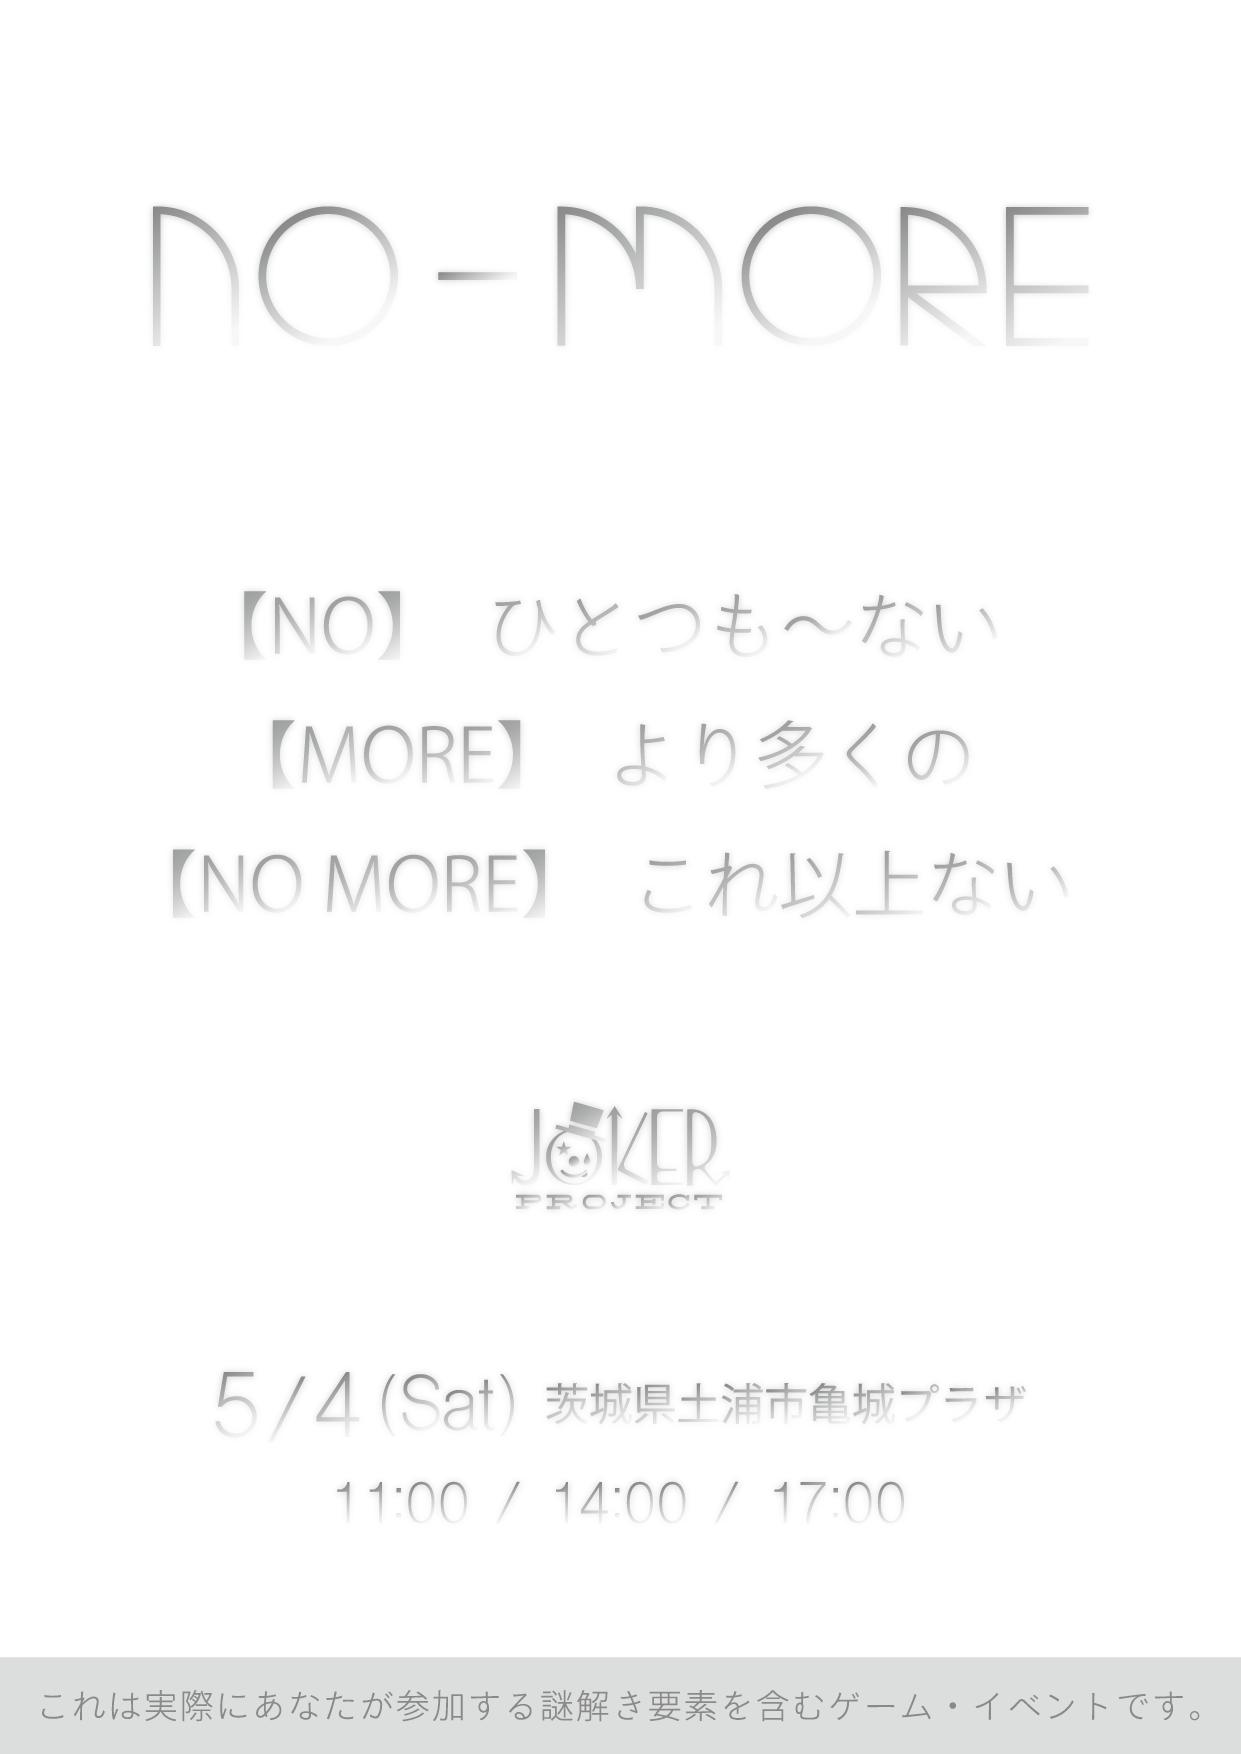 【公演】NO-MORE